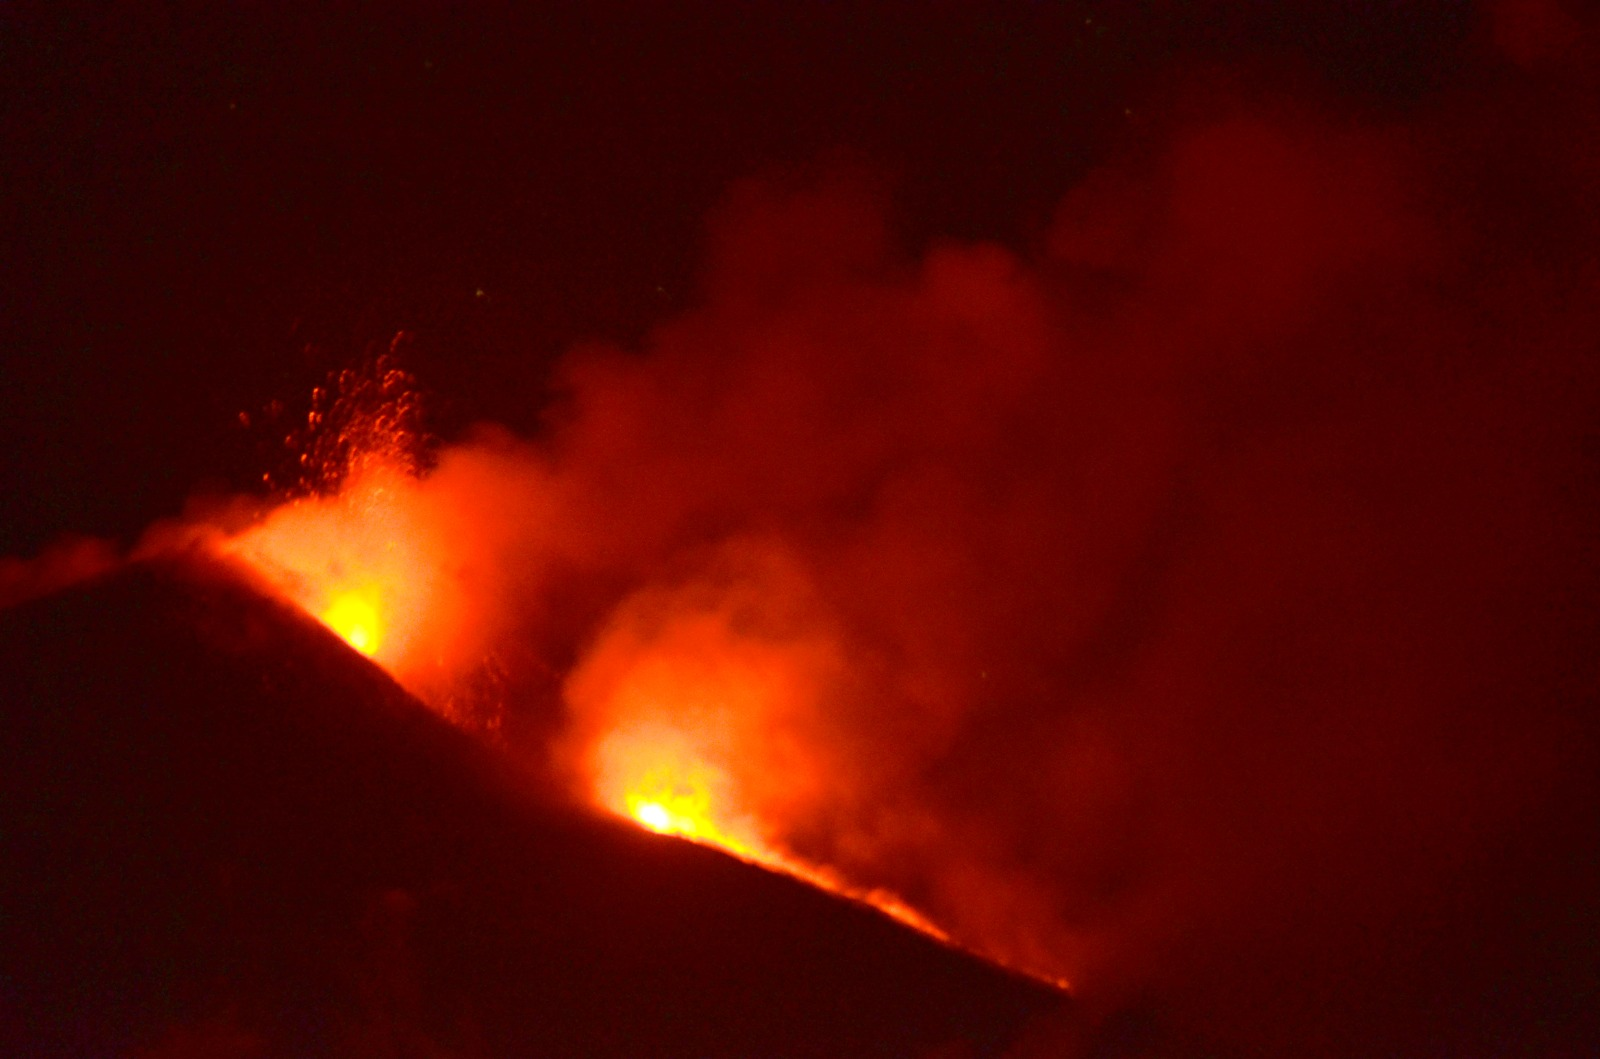 """Eruzione Etna, ancora un parossismo nella notte: lapilli su Mascali, """"Tremano le finestre"""""""